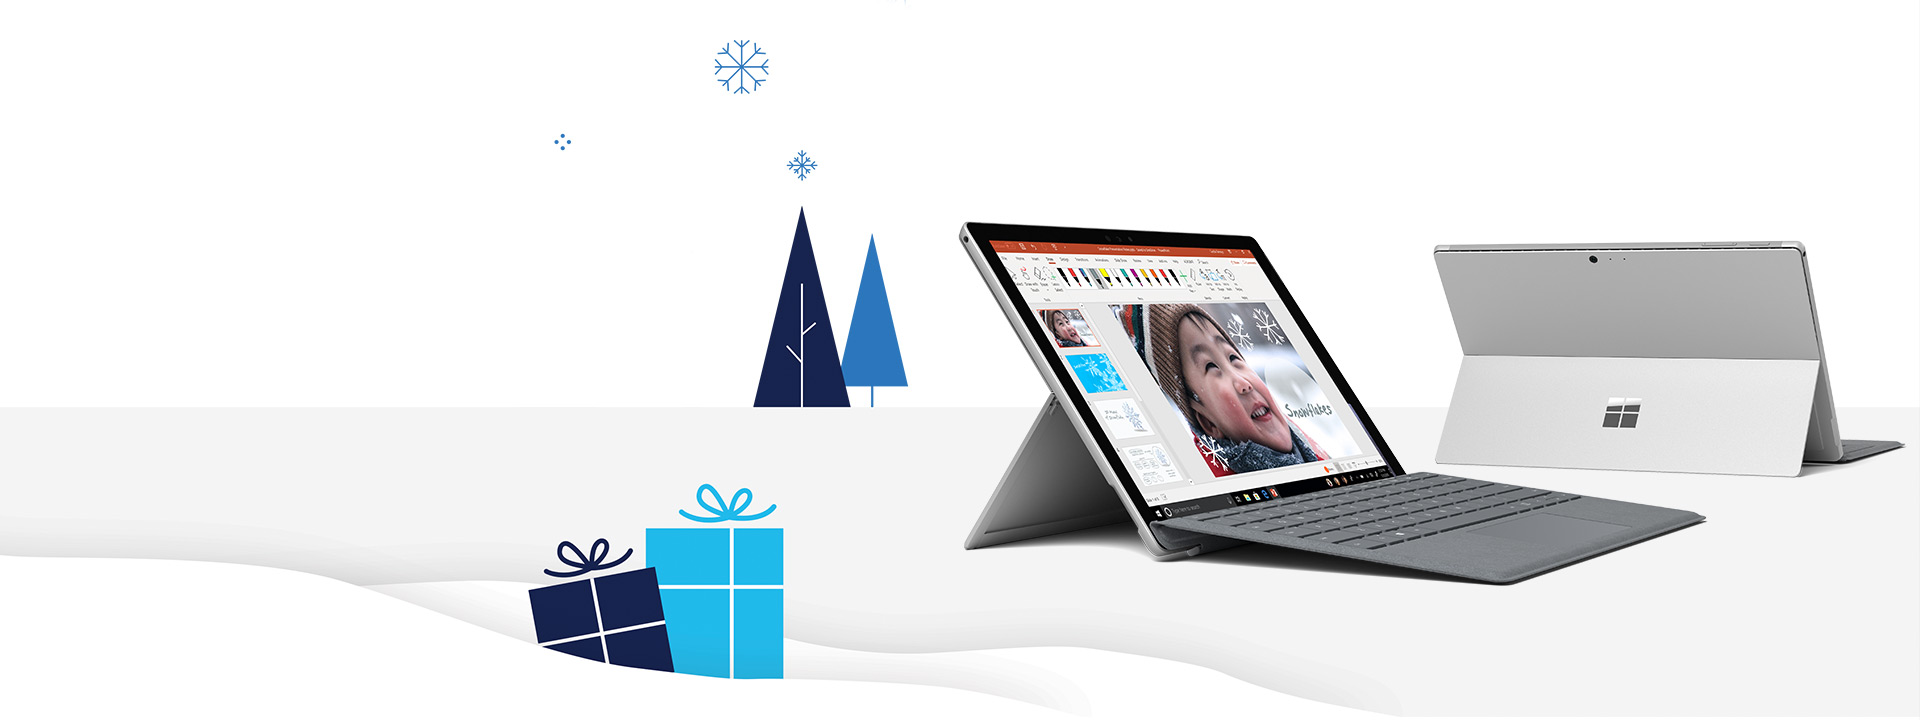 用全新 Surface Pro 创造无限可能